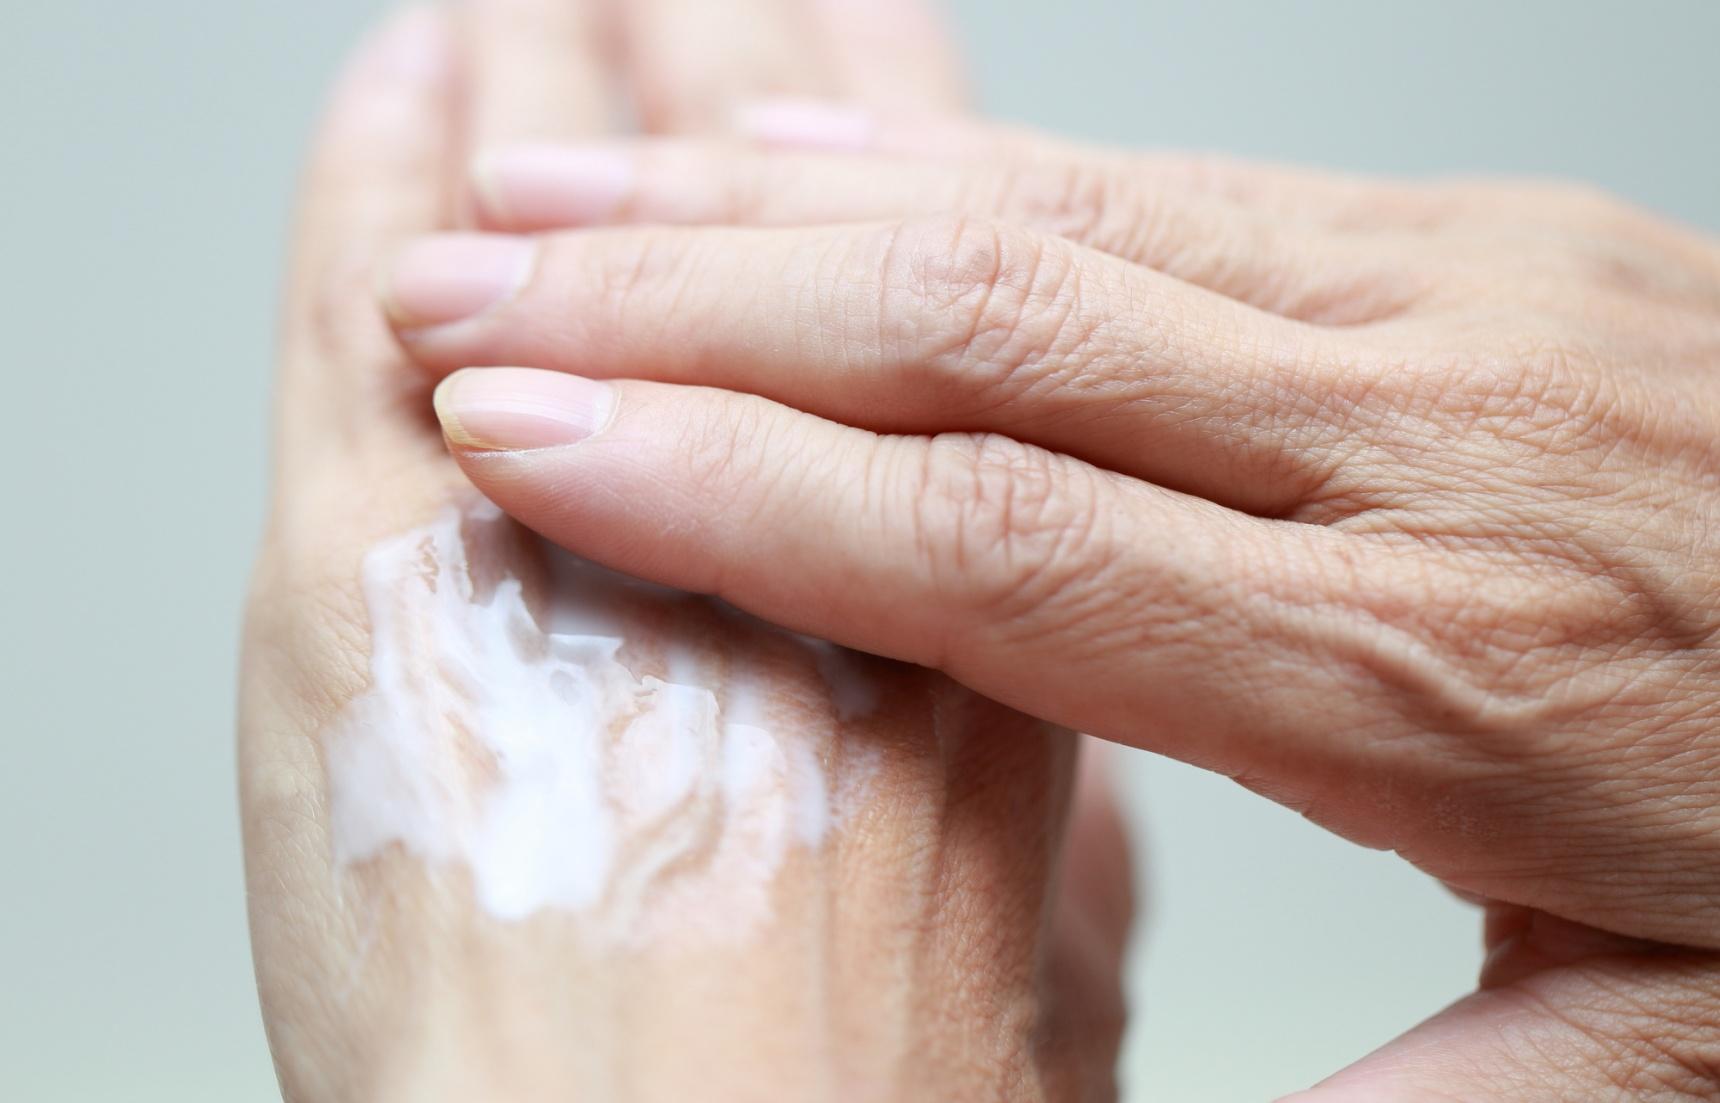 严冬干燥,超高性价比养好自己的第二张脸:6款在日本热销中的护手霜